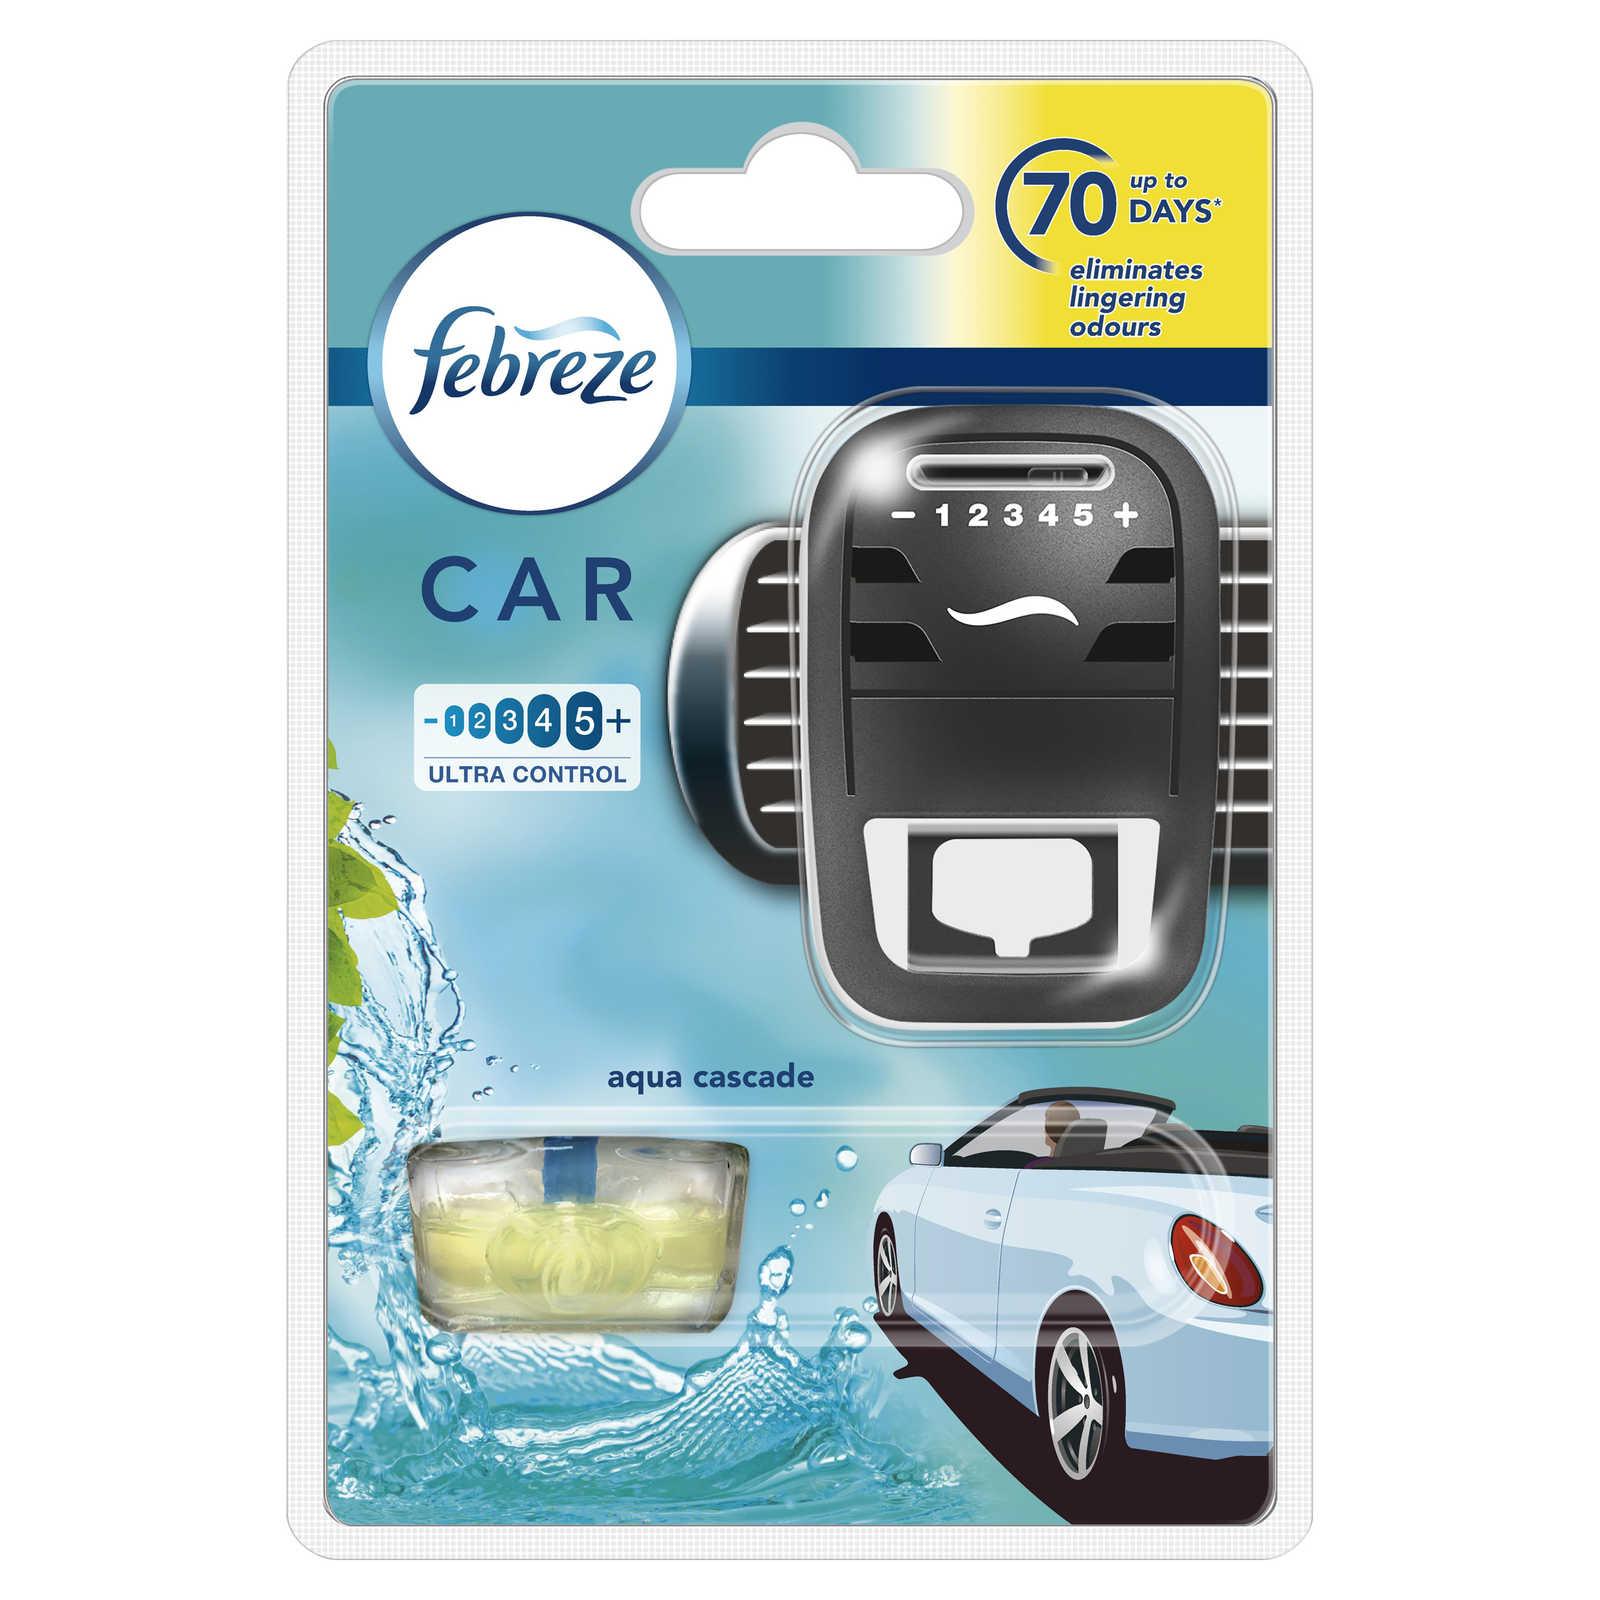 Febreze-Car